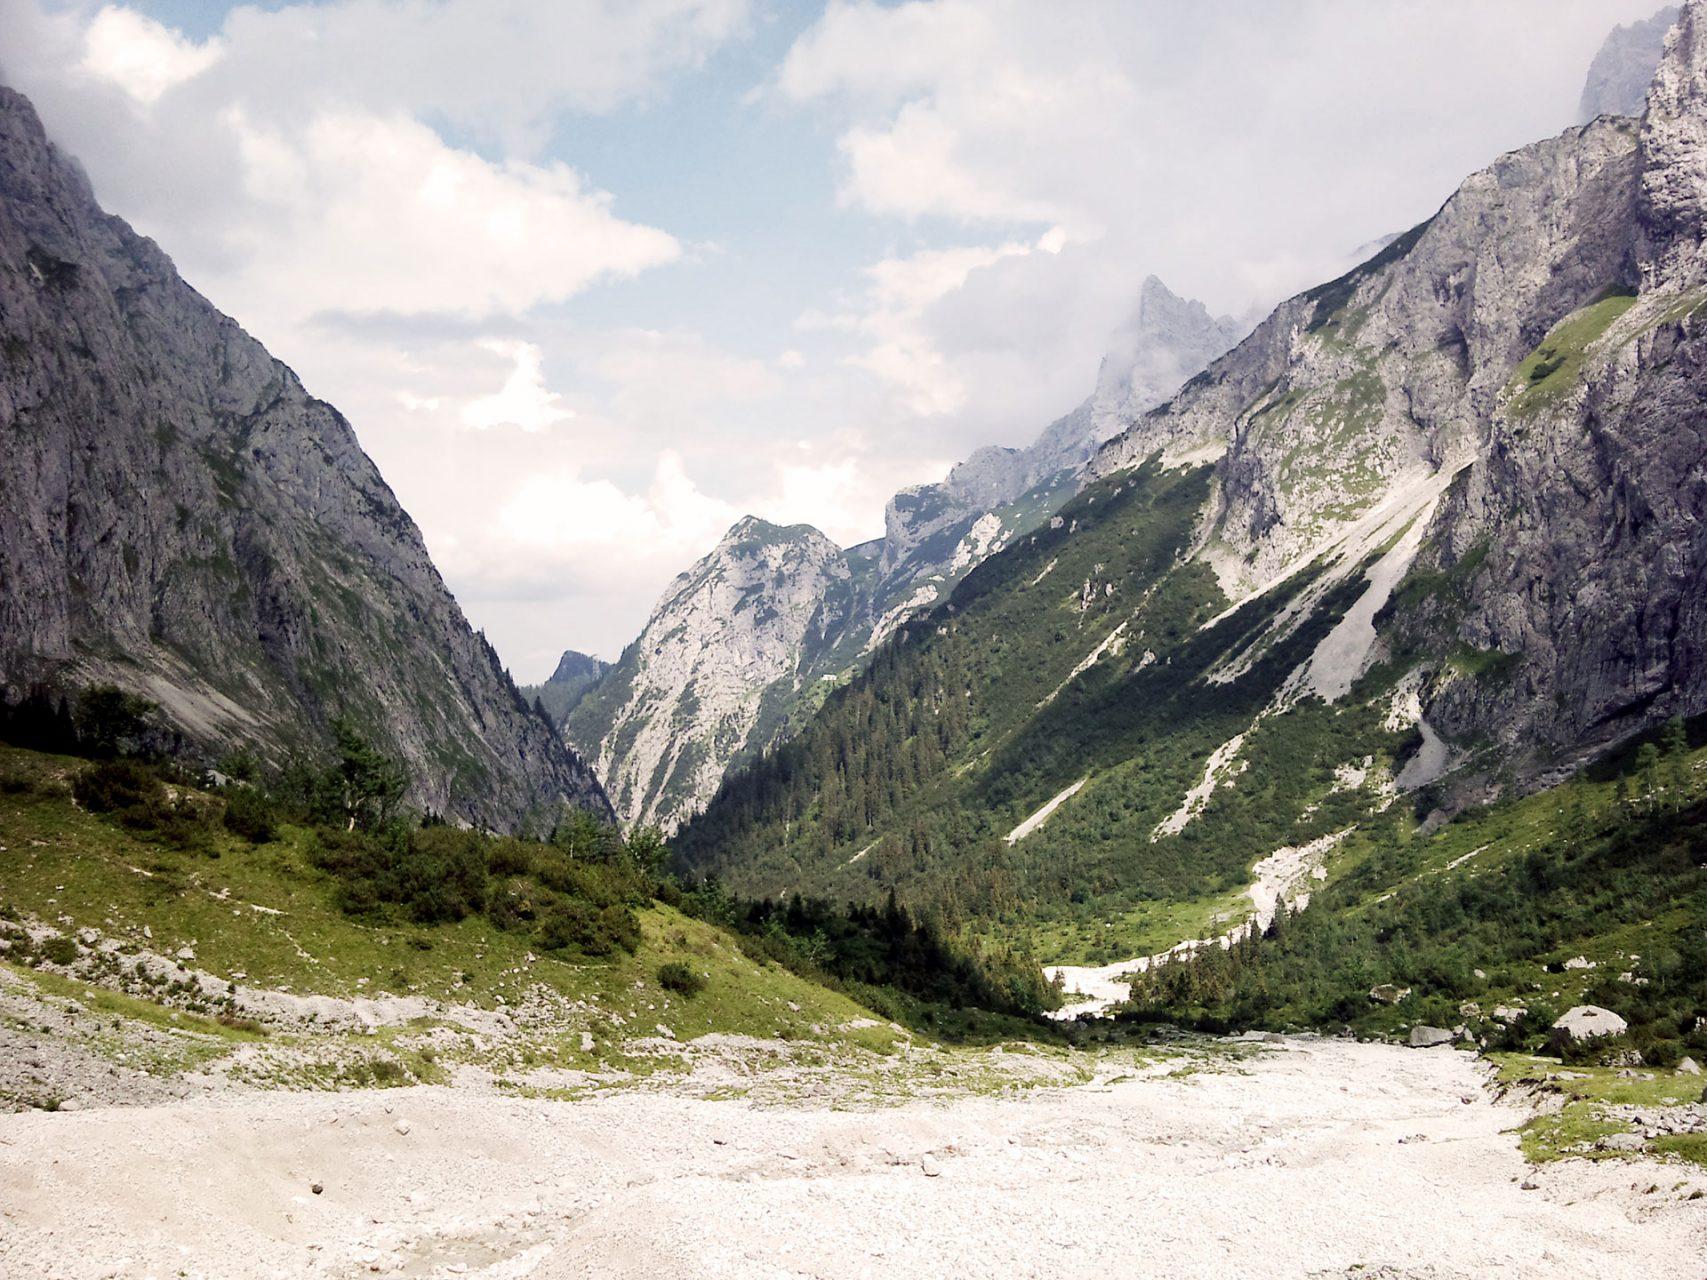 Bis zum Einstieg in den Klettersteig hinauf zur Zugspitze, das so genannte Brett, ist es zwar noch ein Stück, dafür verströmt das Höllental hier ein wenig kanadische Atmosphäre.